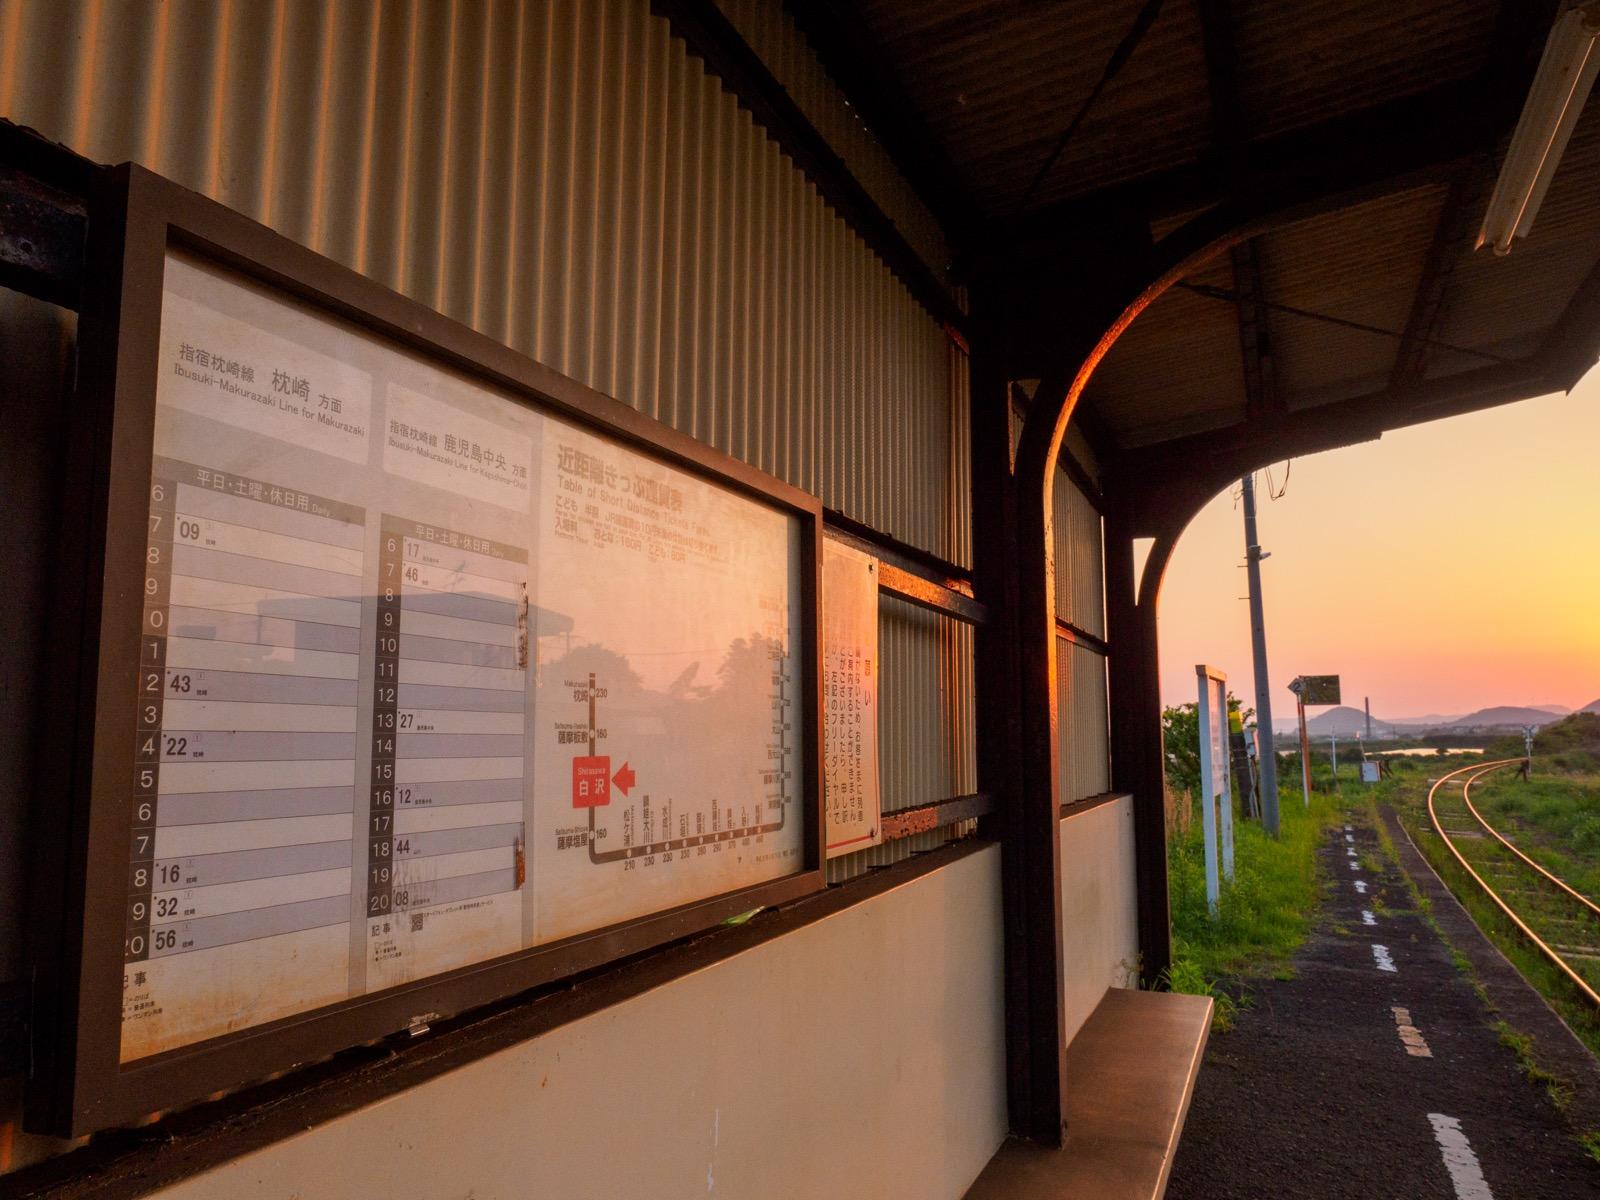 白沢駅のホームにある時刻表